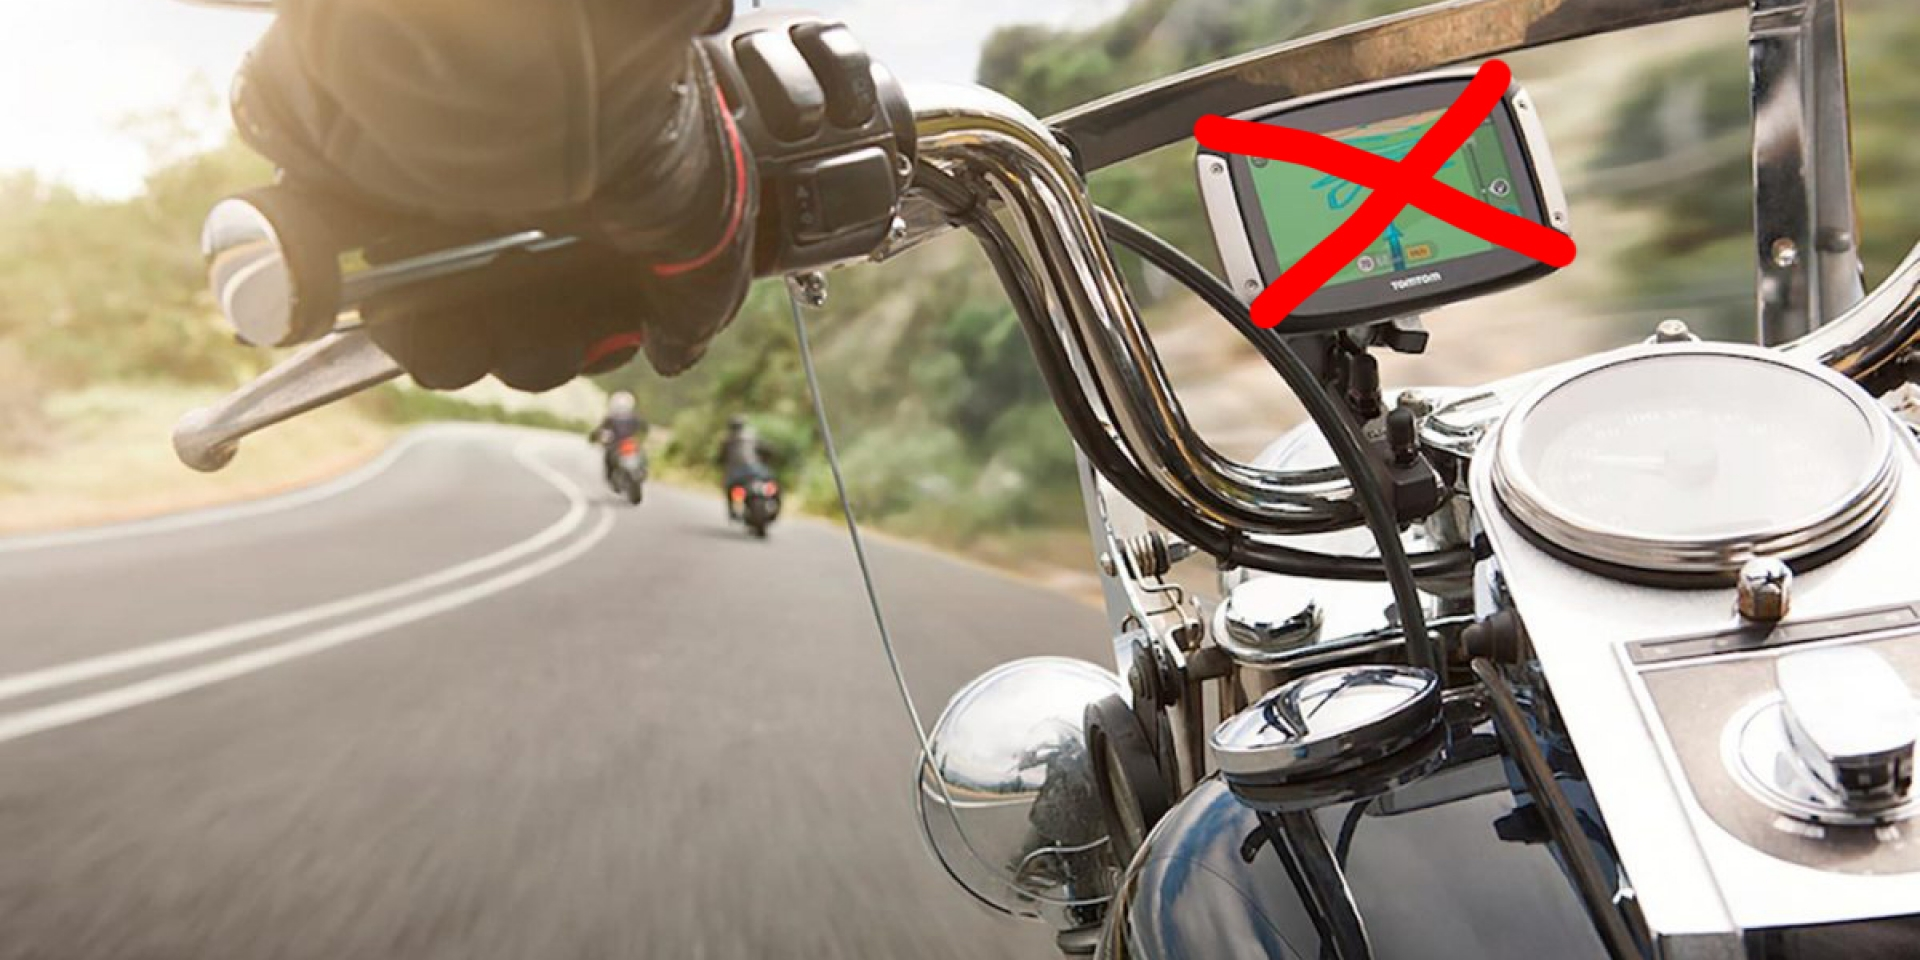 禁用「測速照相提醒」?!德國立法禁止,最高罰75歐元!